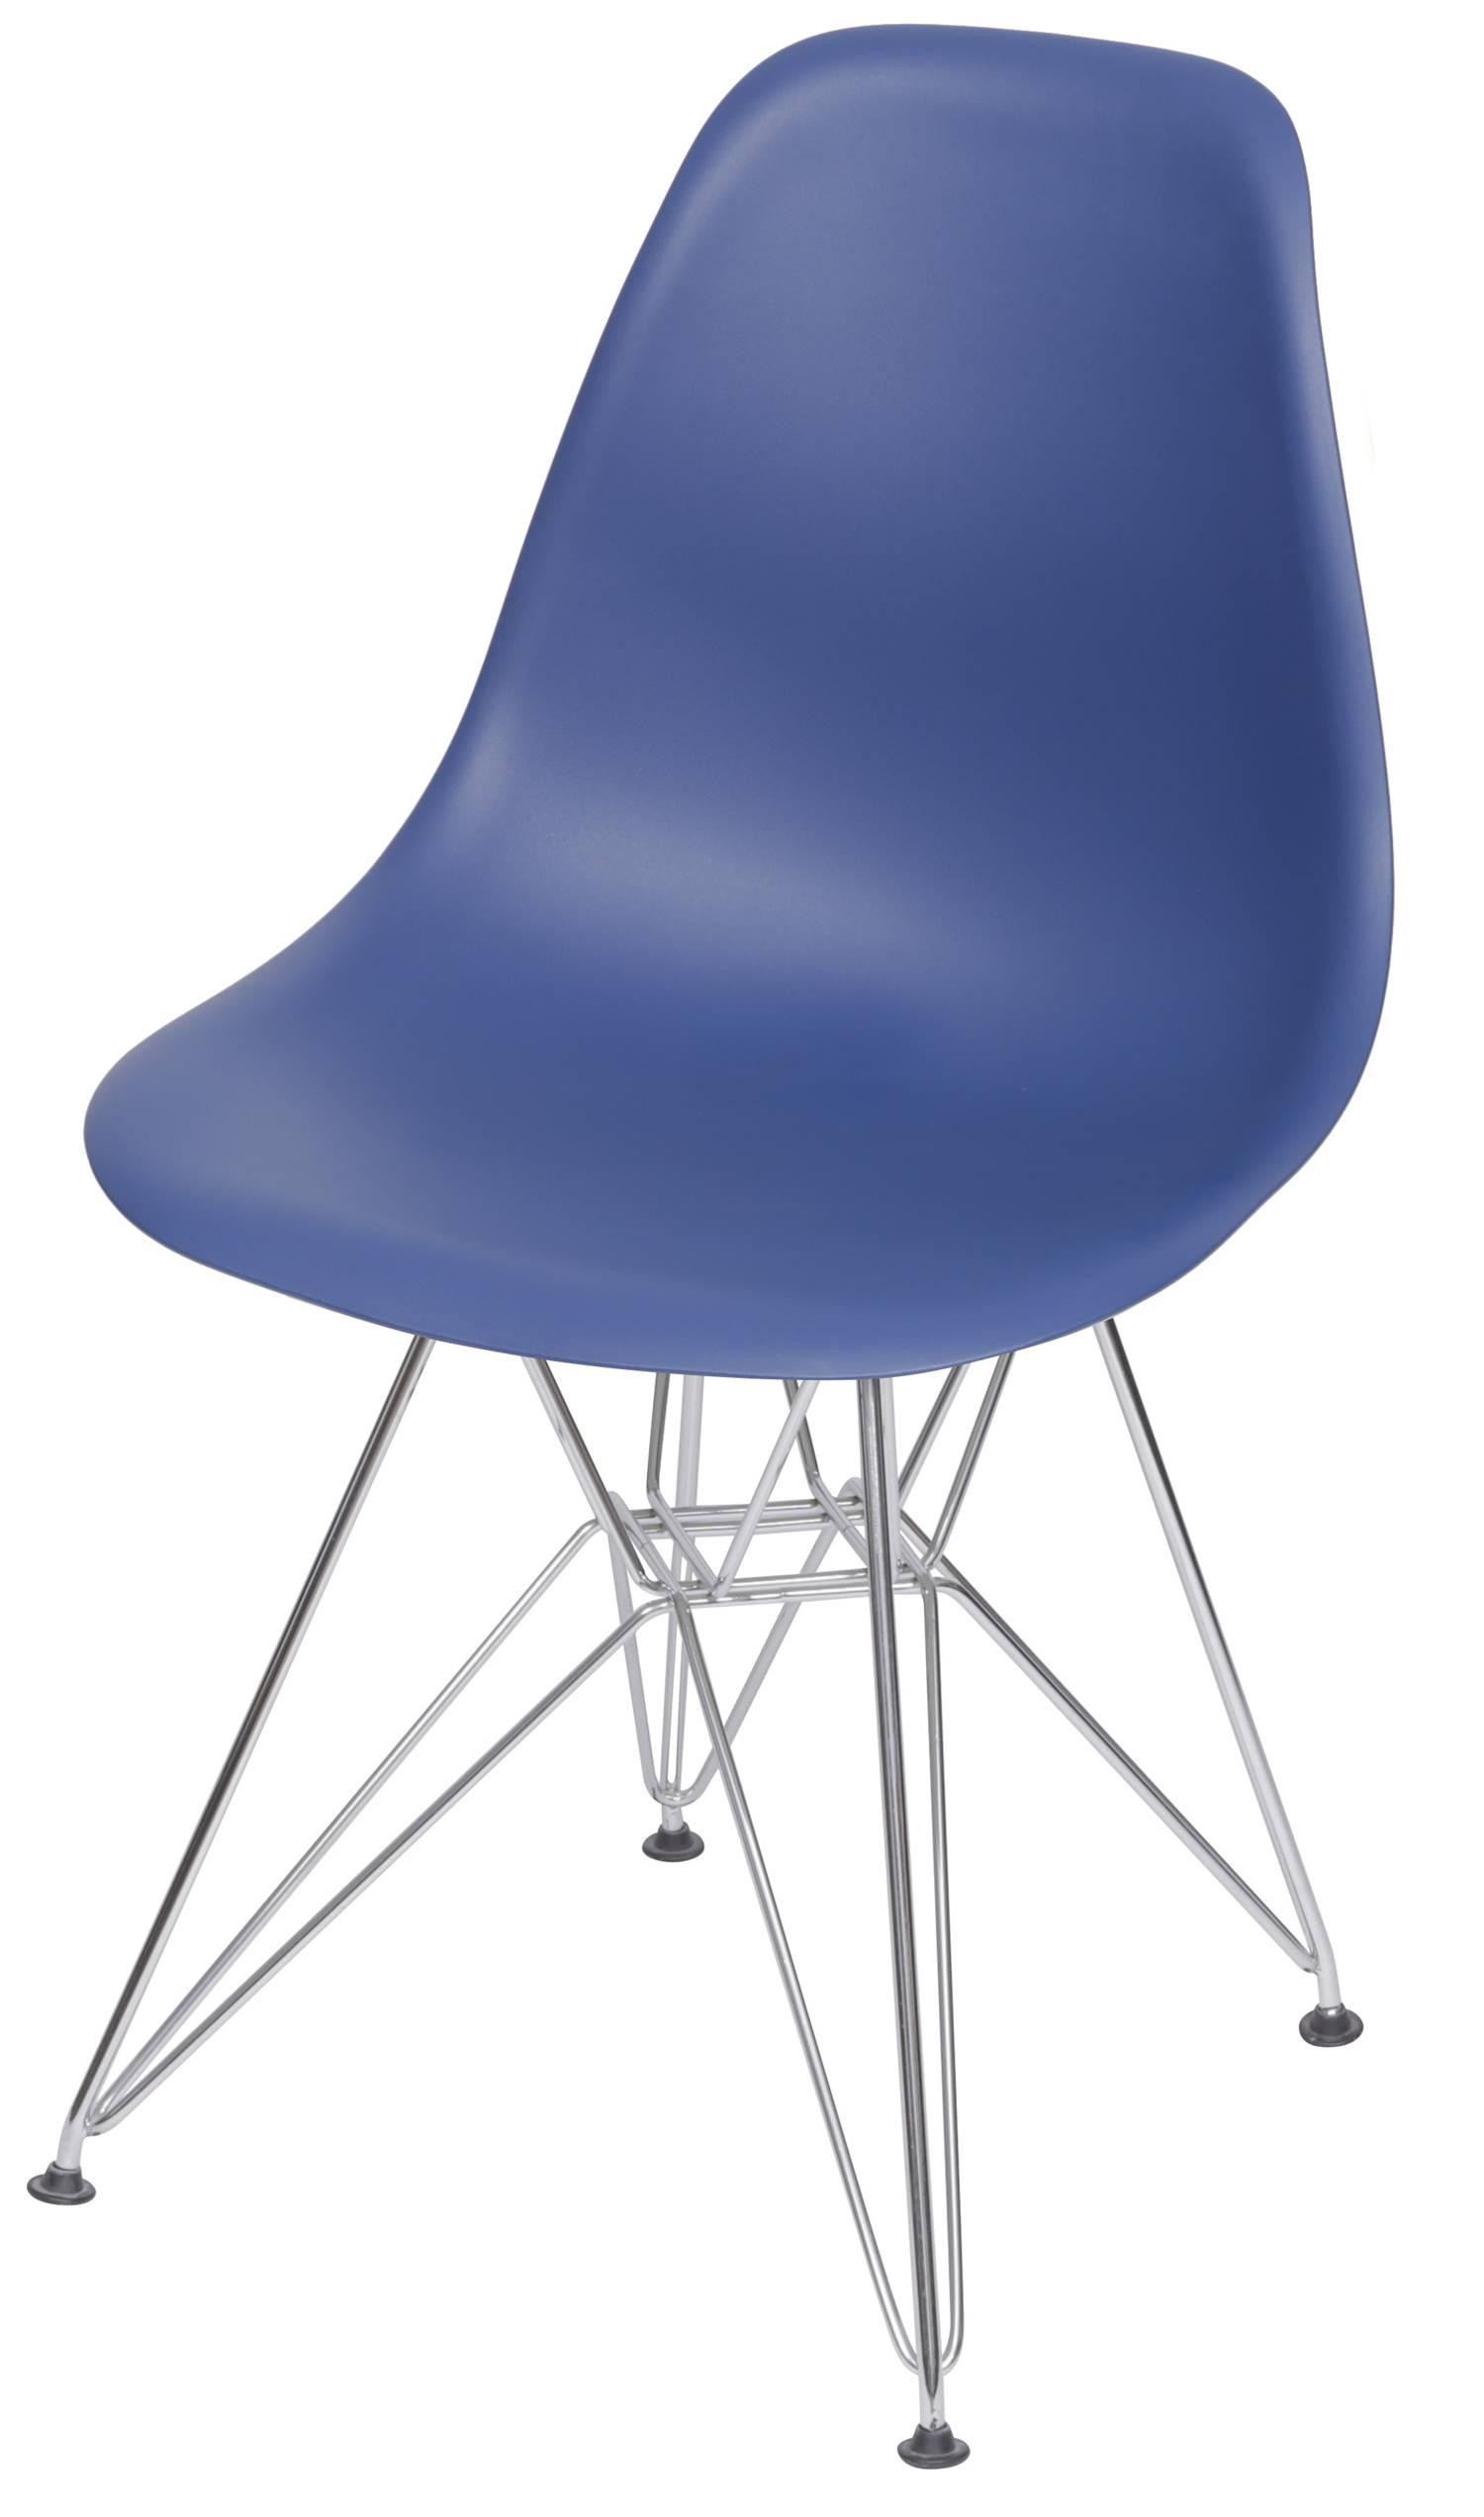 Cadeira Eames Polipropileno Azul Marinho Base Cromada - 49314